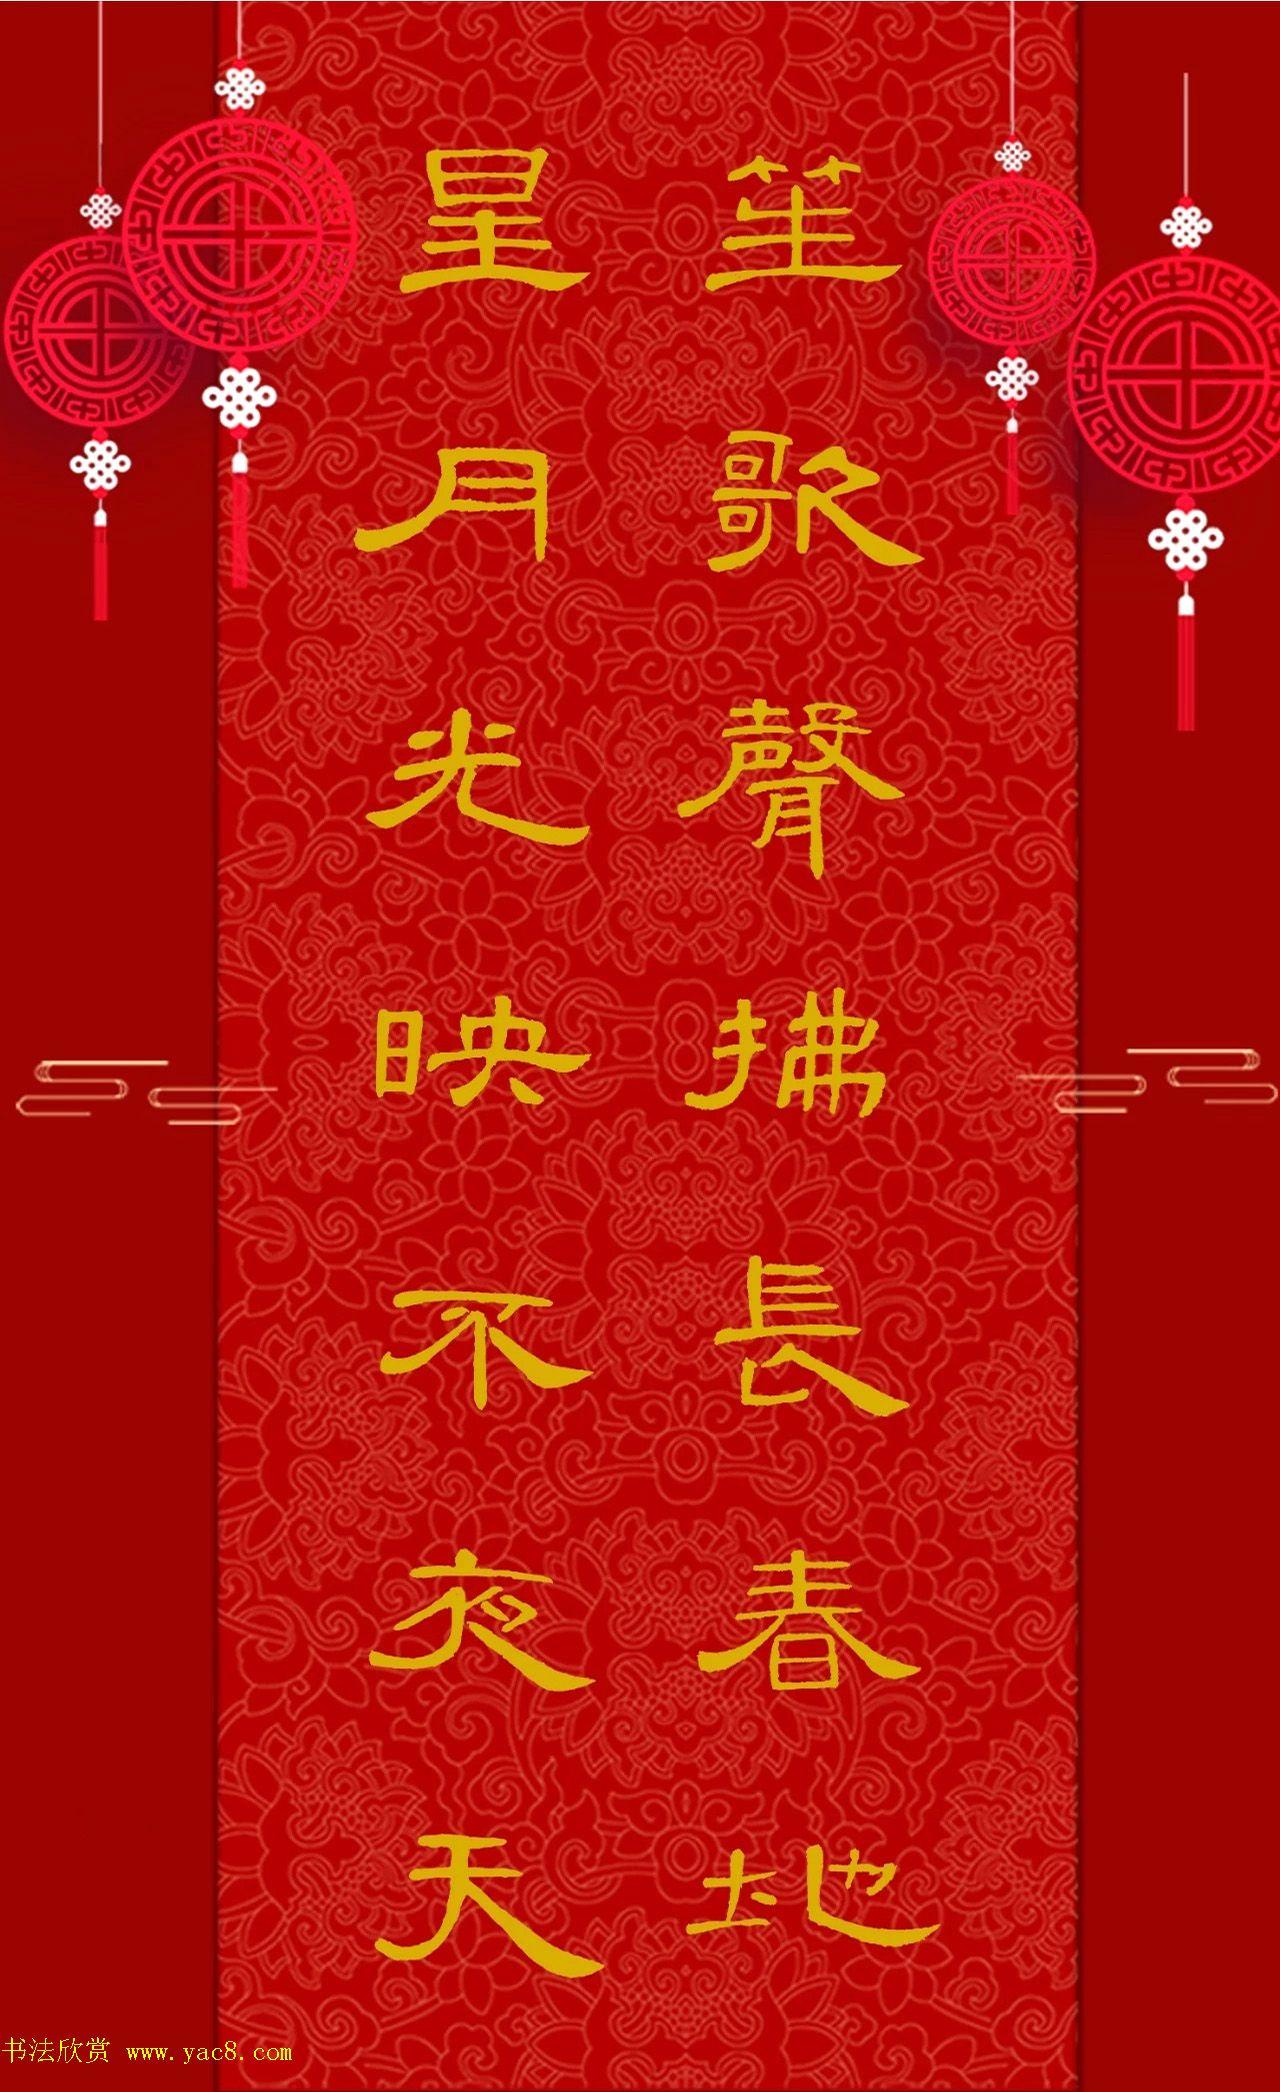 正月十五元宵节赏书法灯联